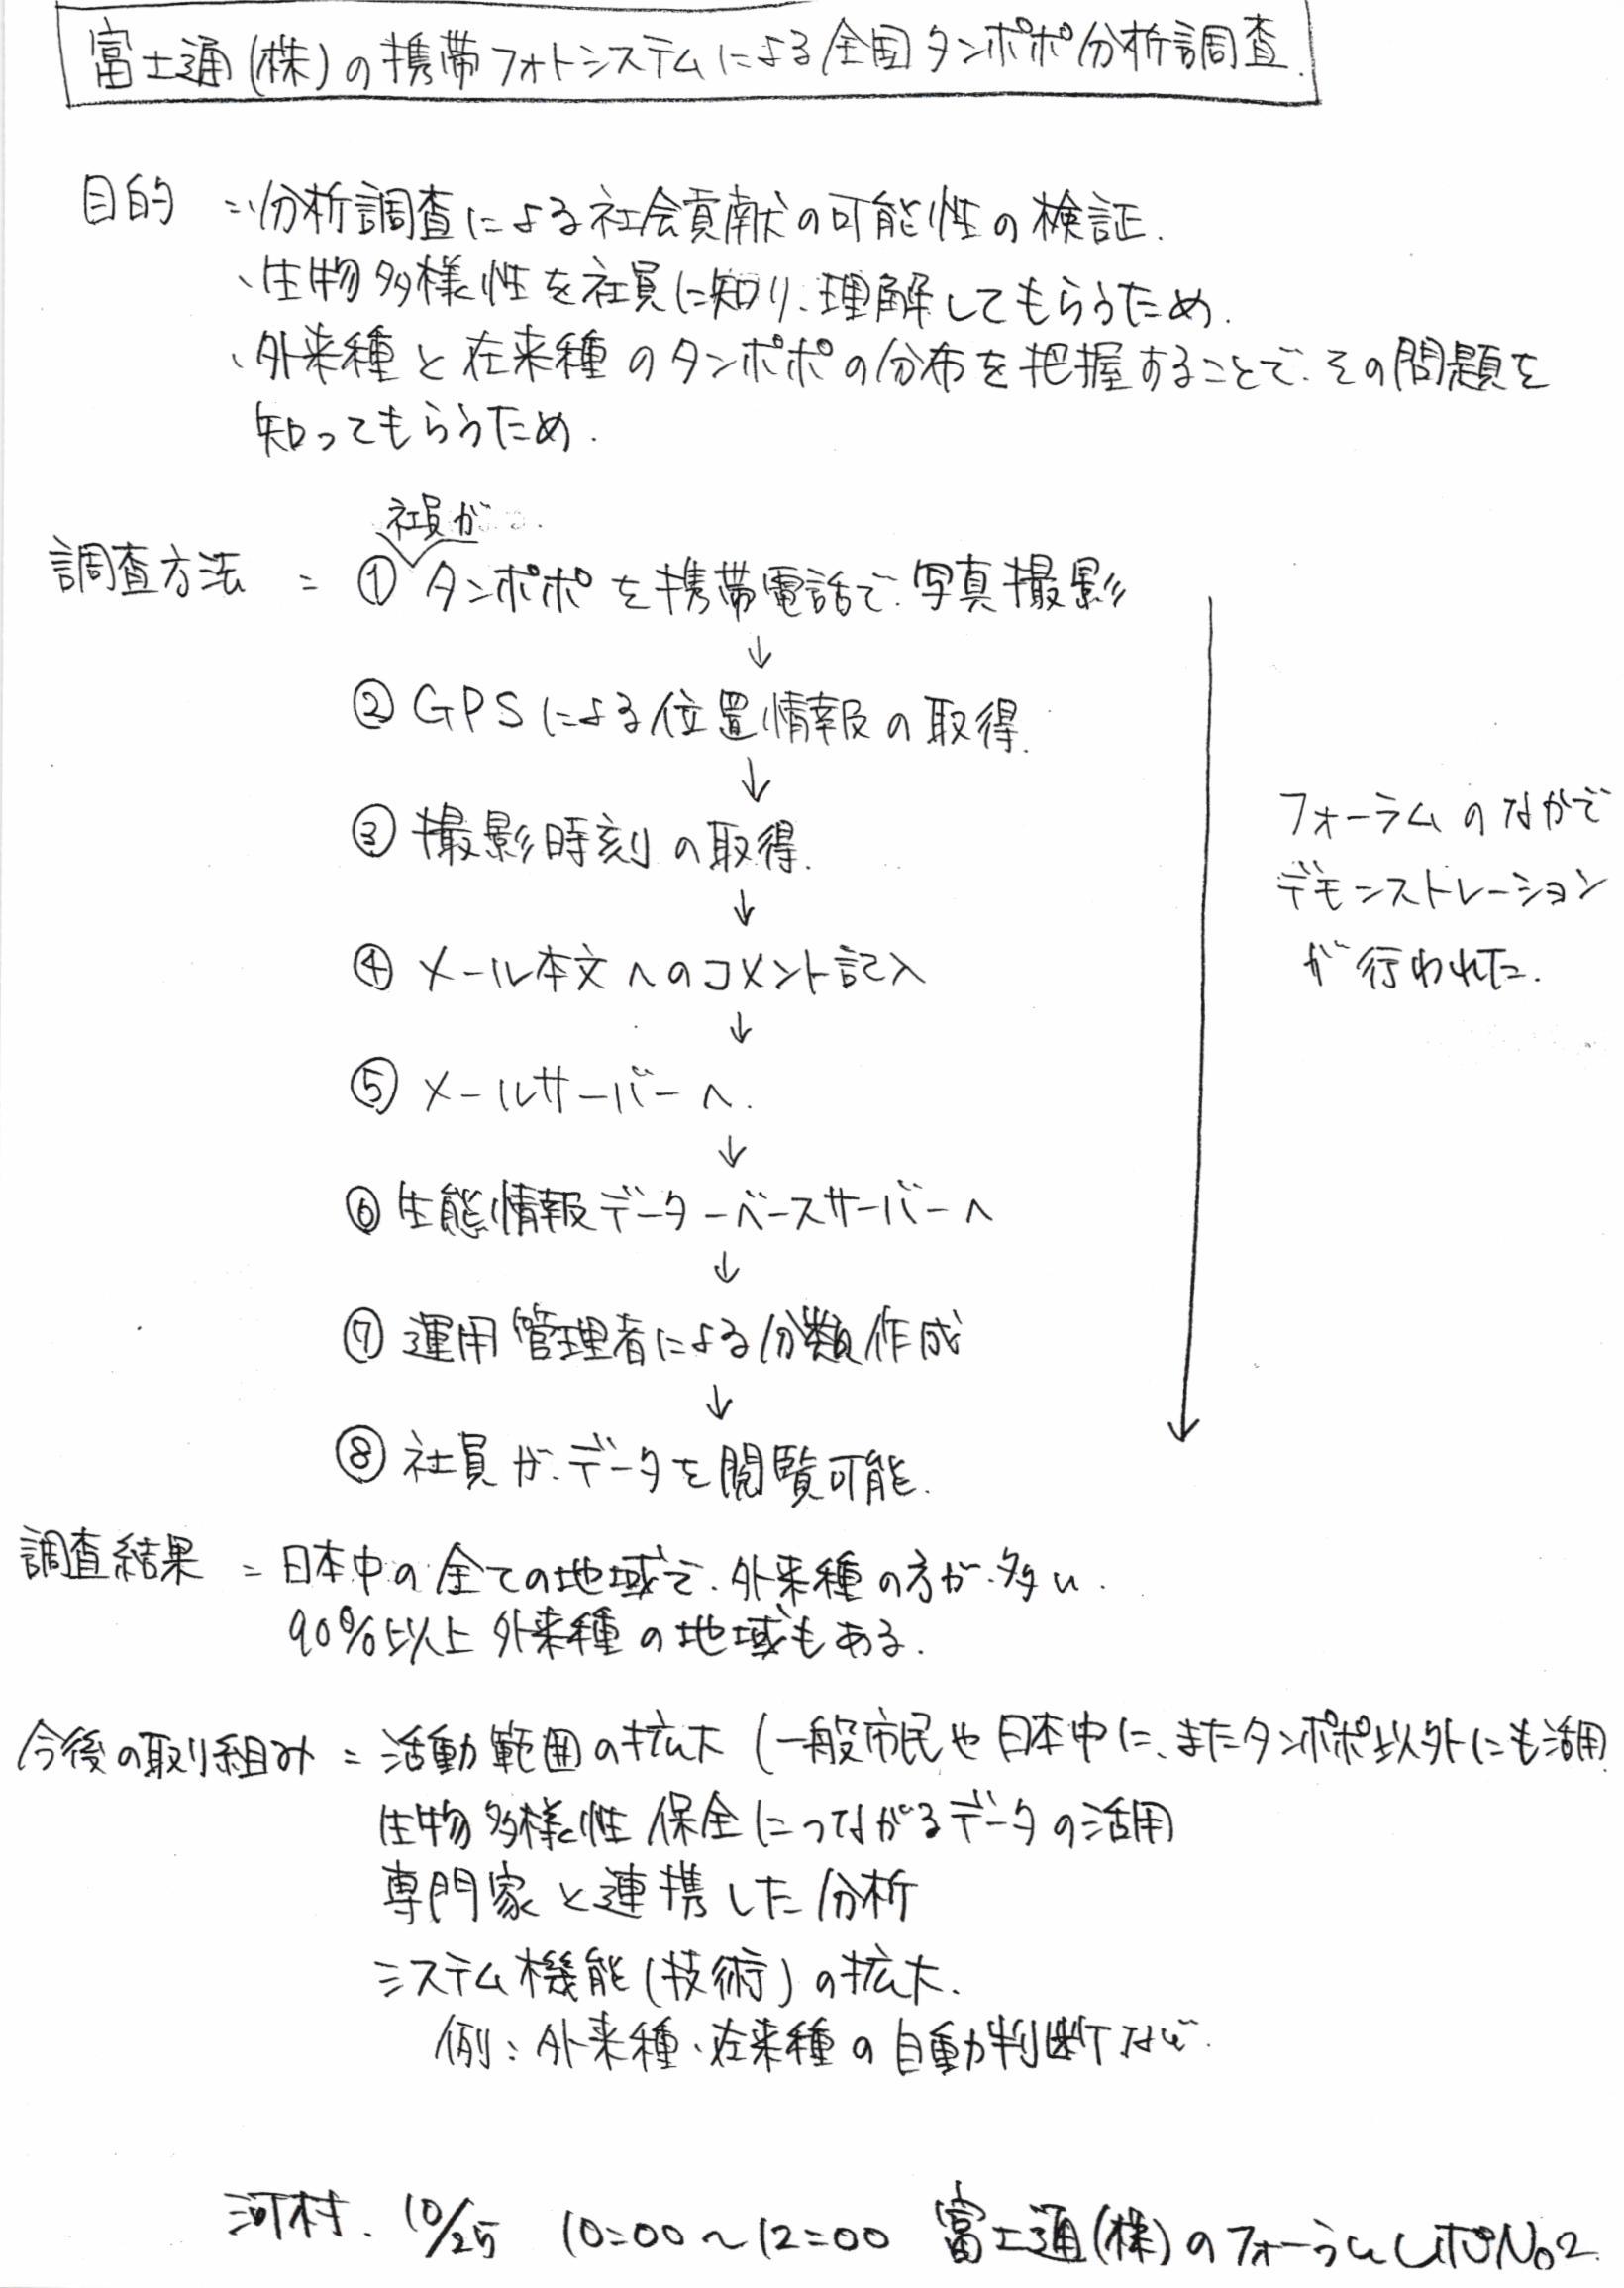 フォーラム体験レポーター報告河村4